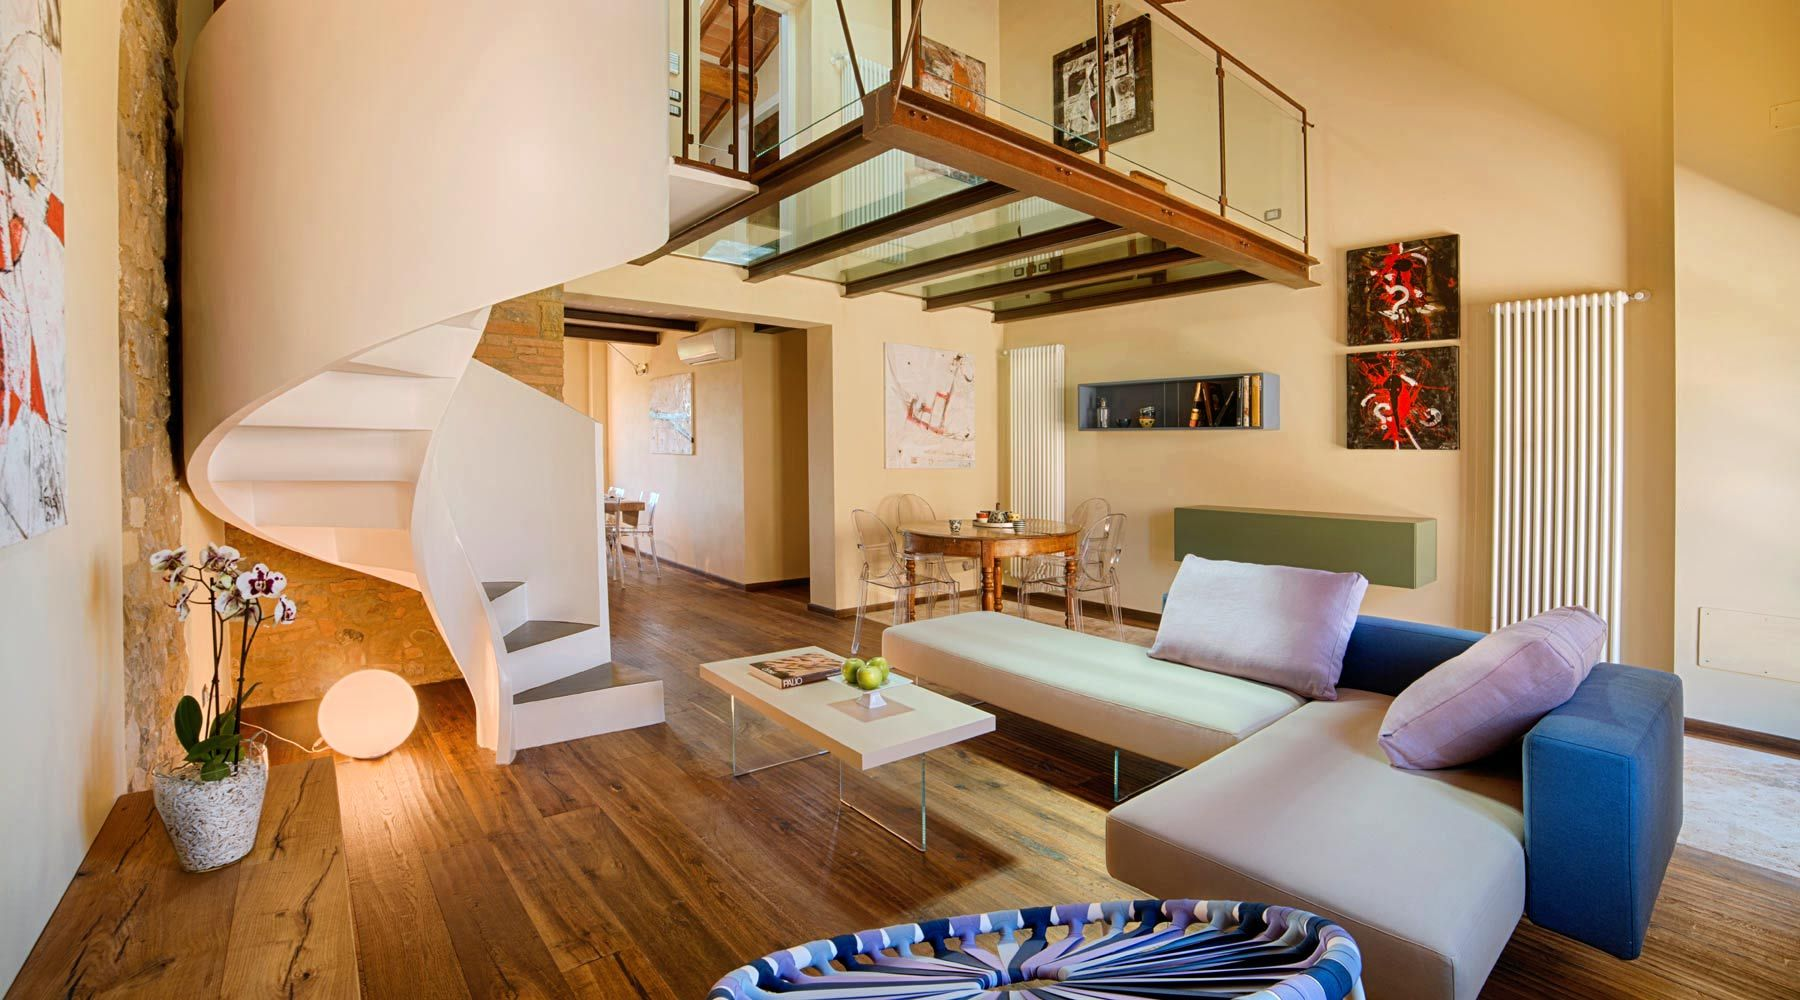 bed and breakfast di design in toscana con arredamento moderno ... - Arredamento Interior Design